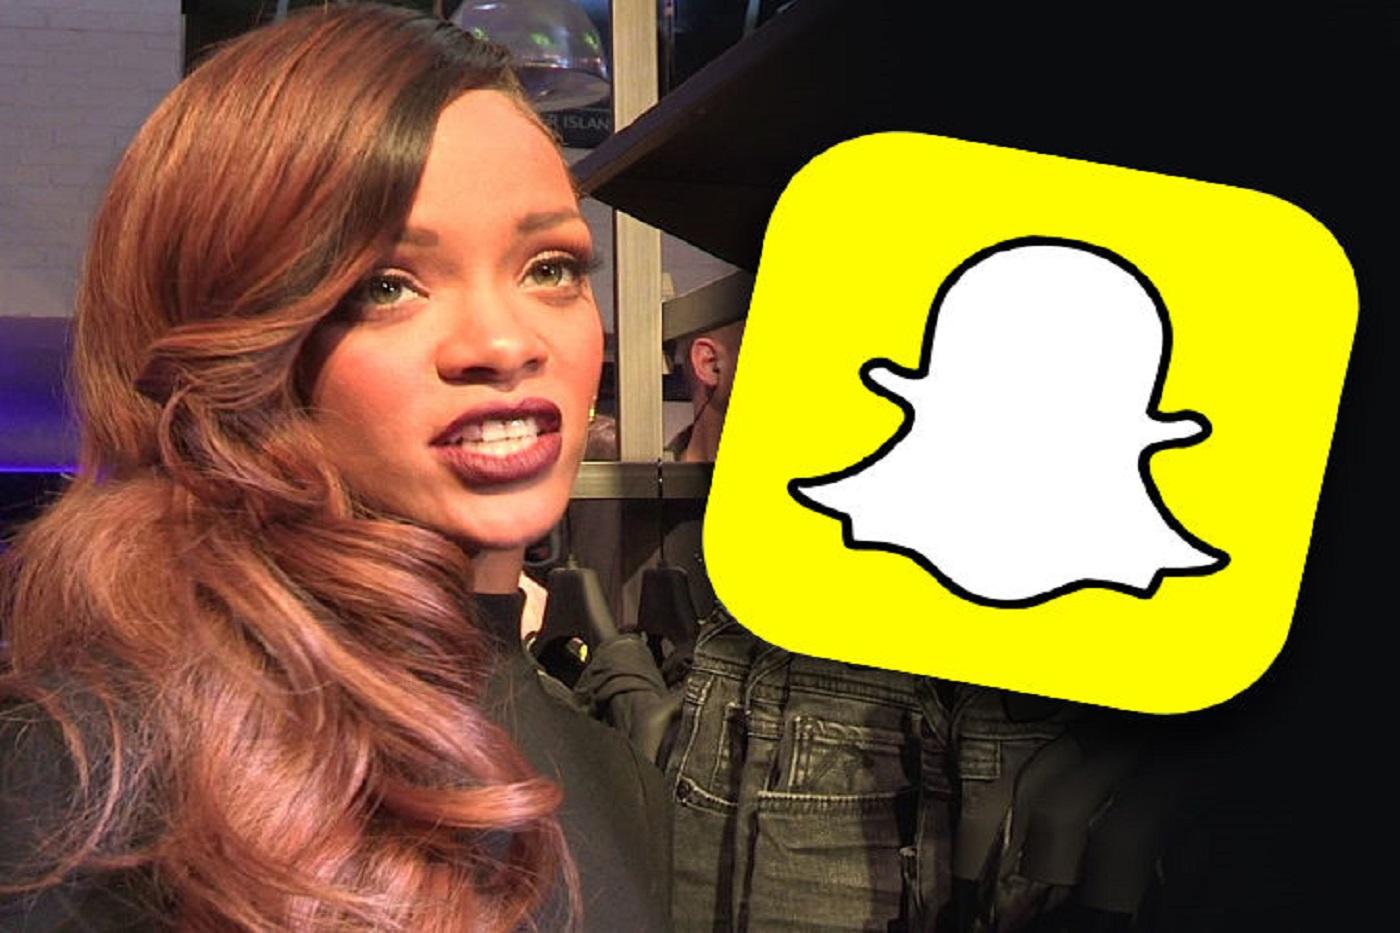 Mundo Digital: Rihanna pede que fãs apaguem Snapchat, ações despencam